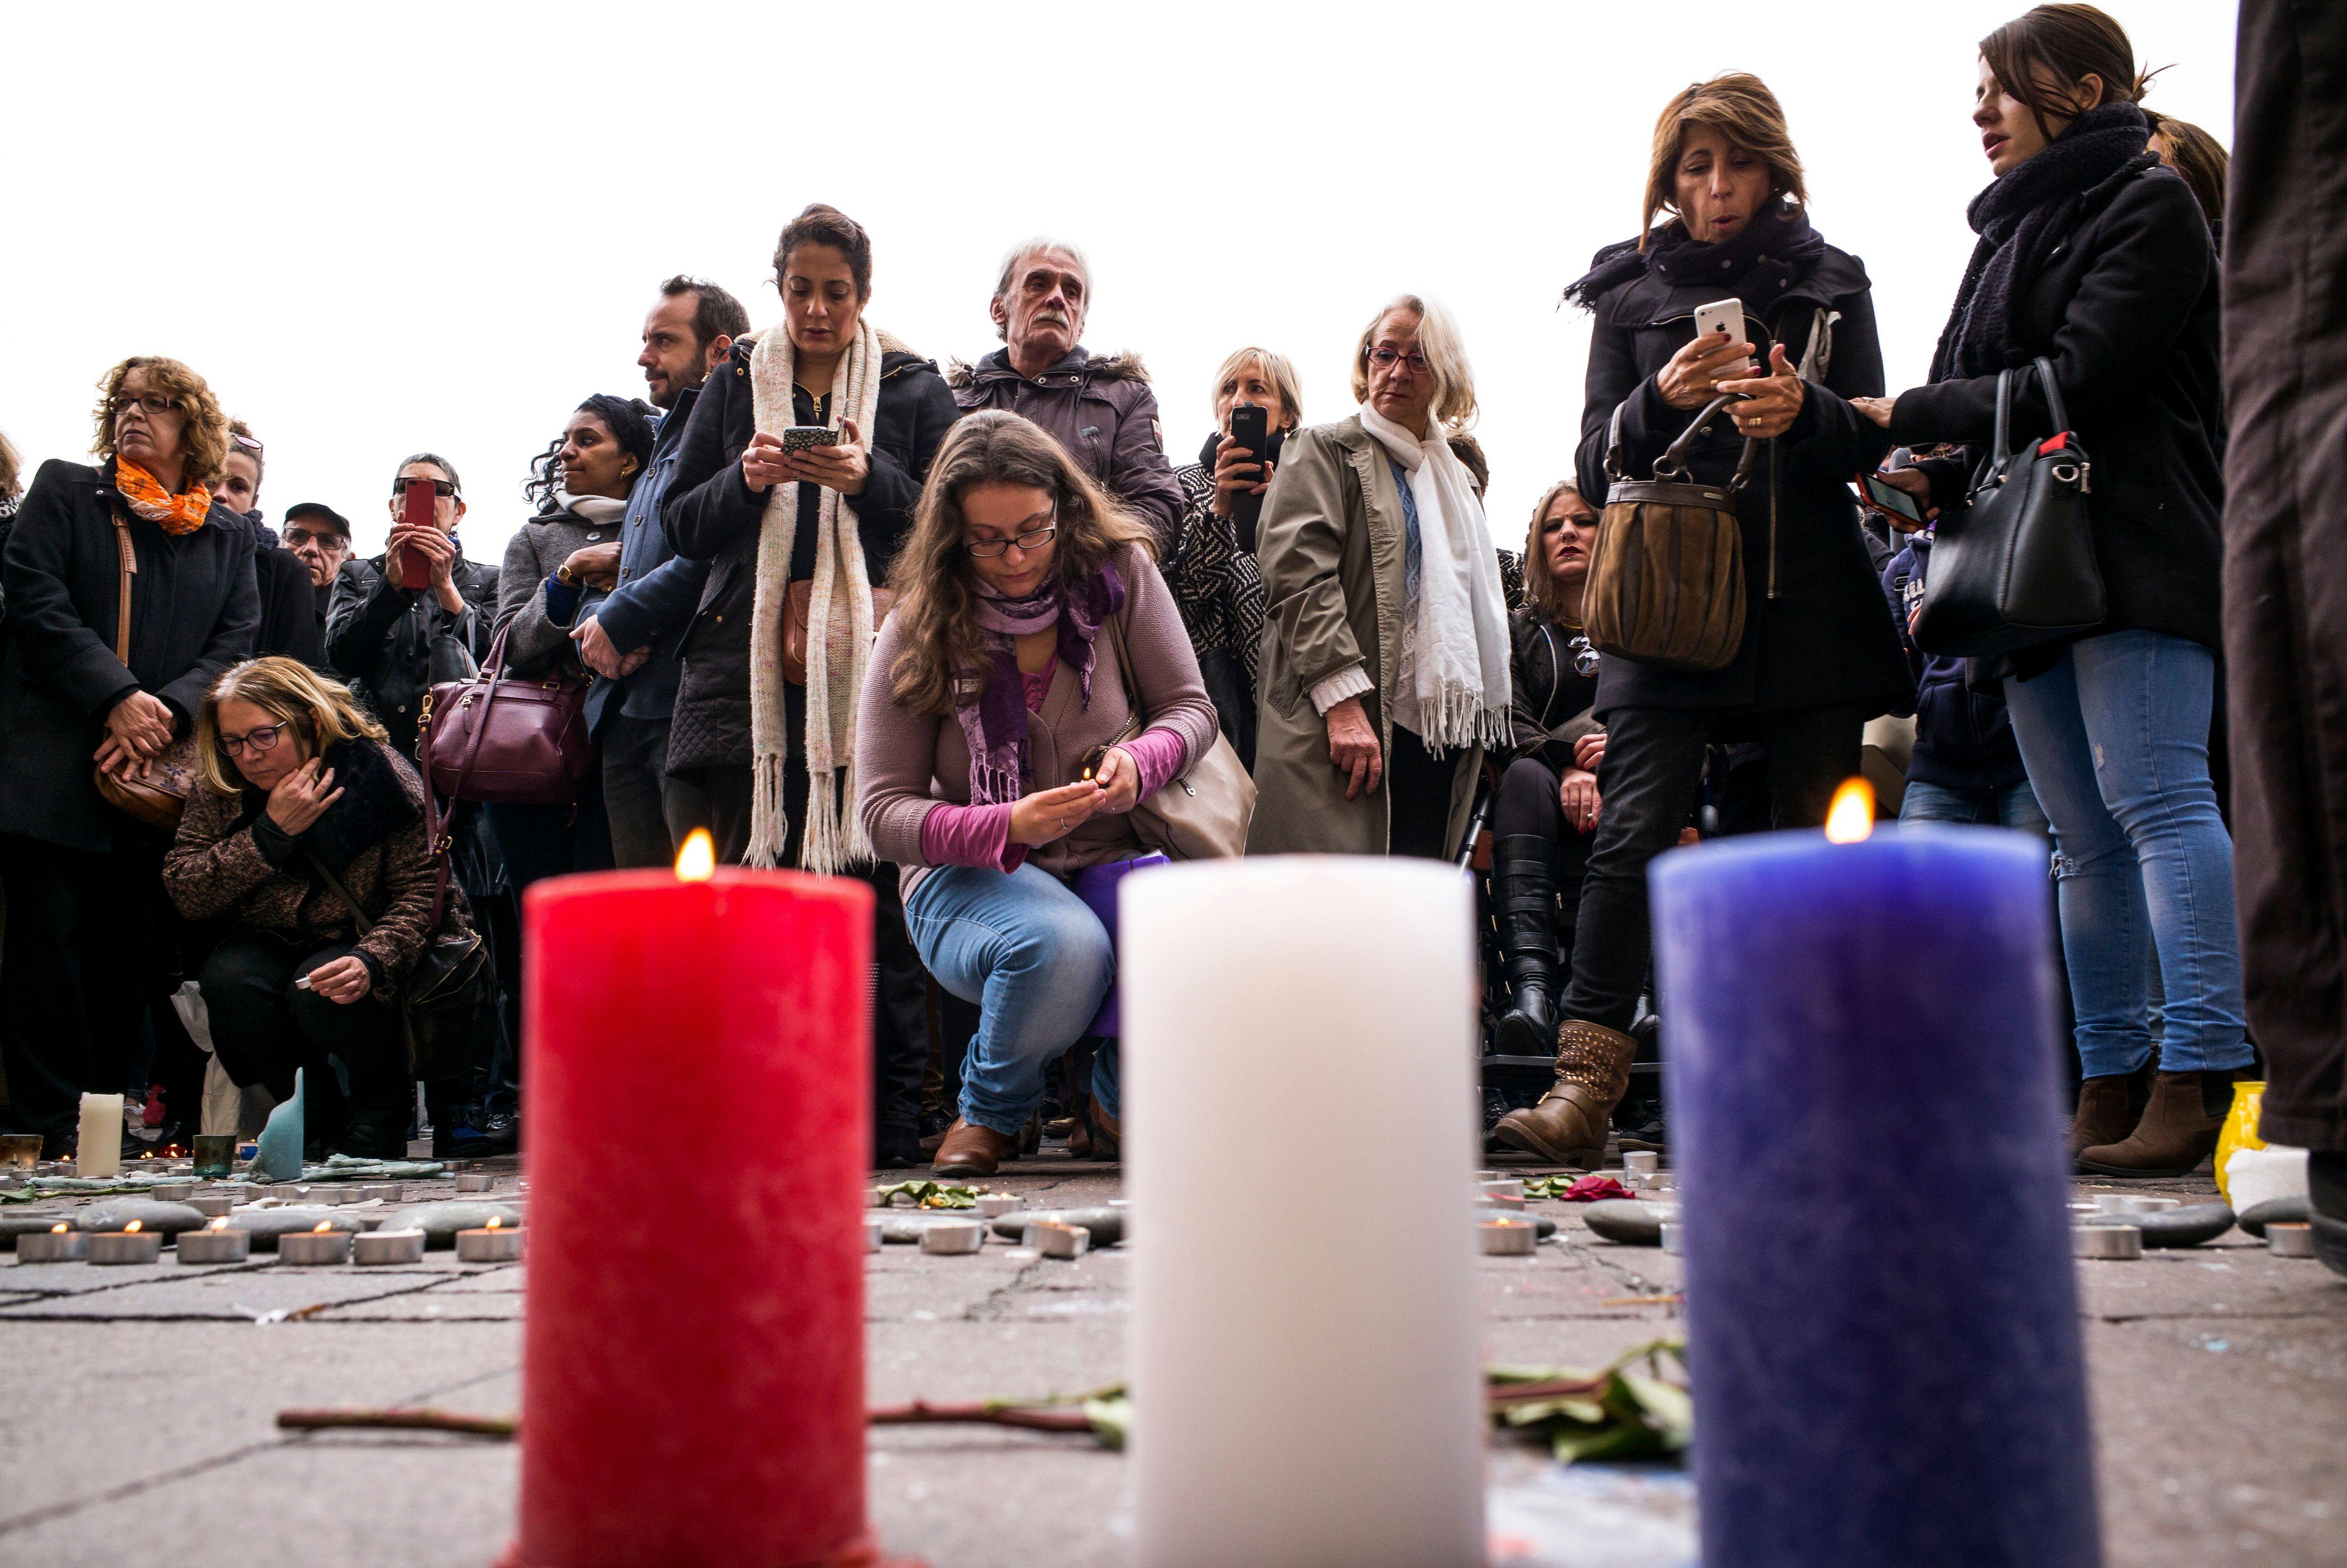 Des centaines d'emplois vont être impactés par les attentats.